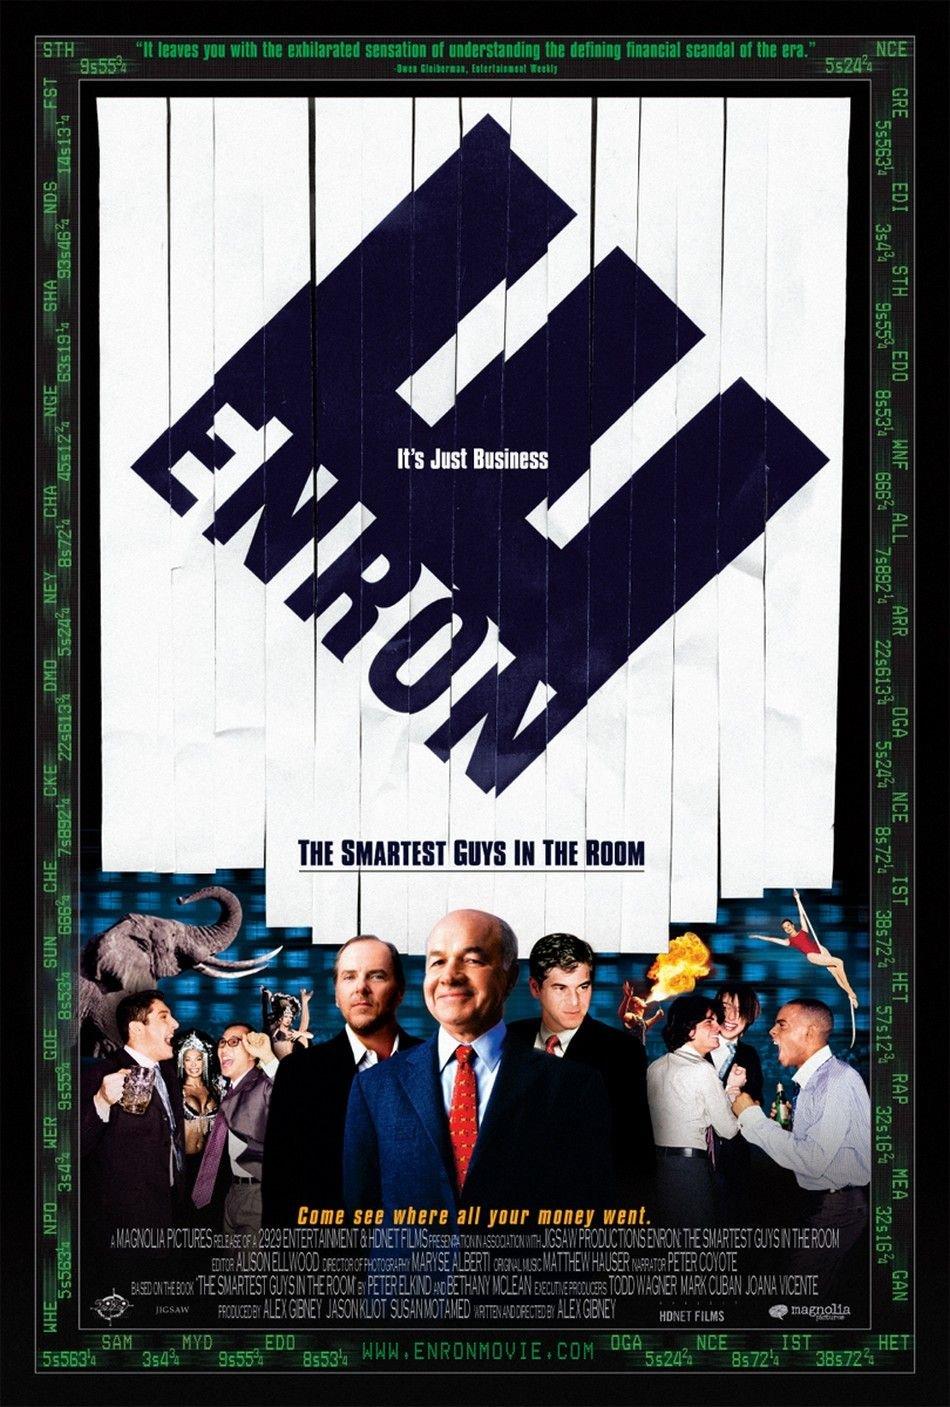 Enron.jpg